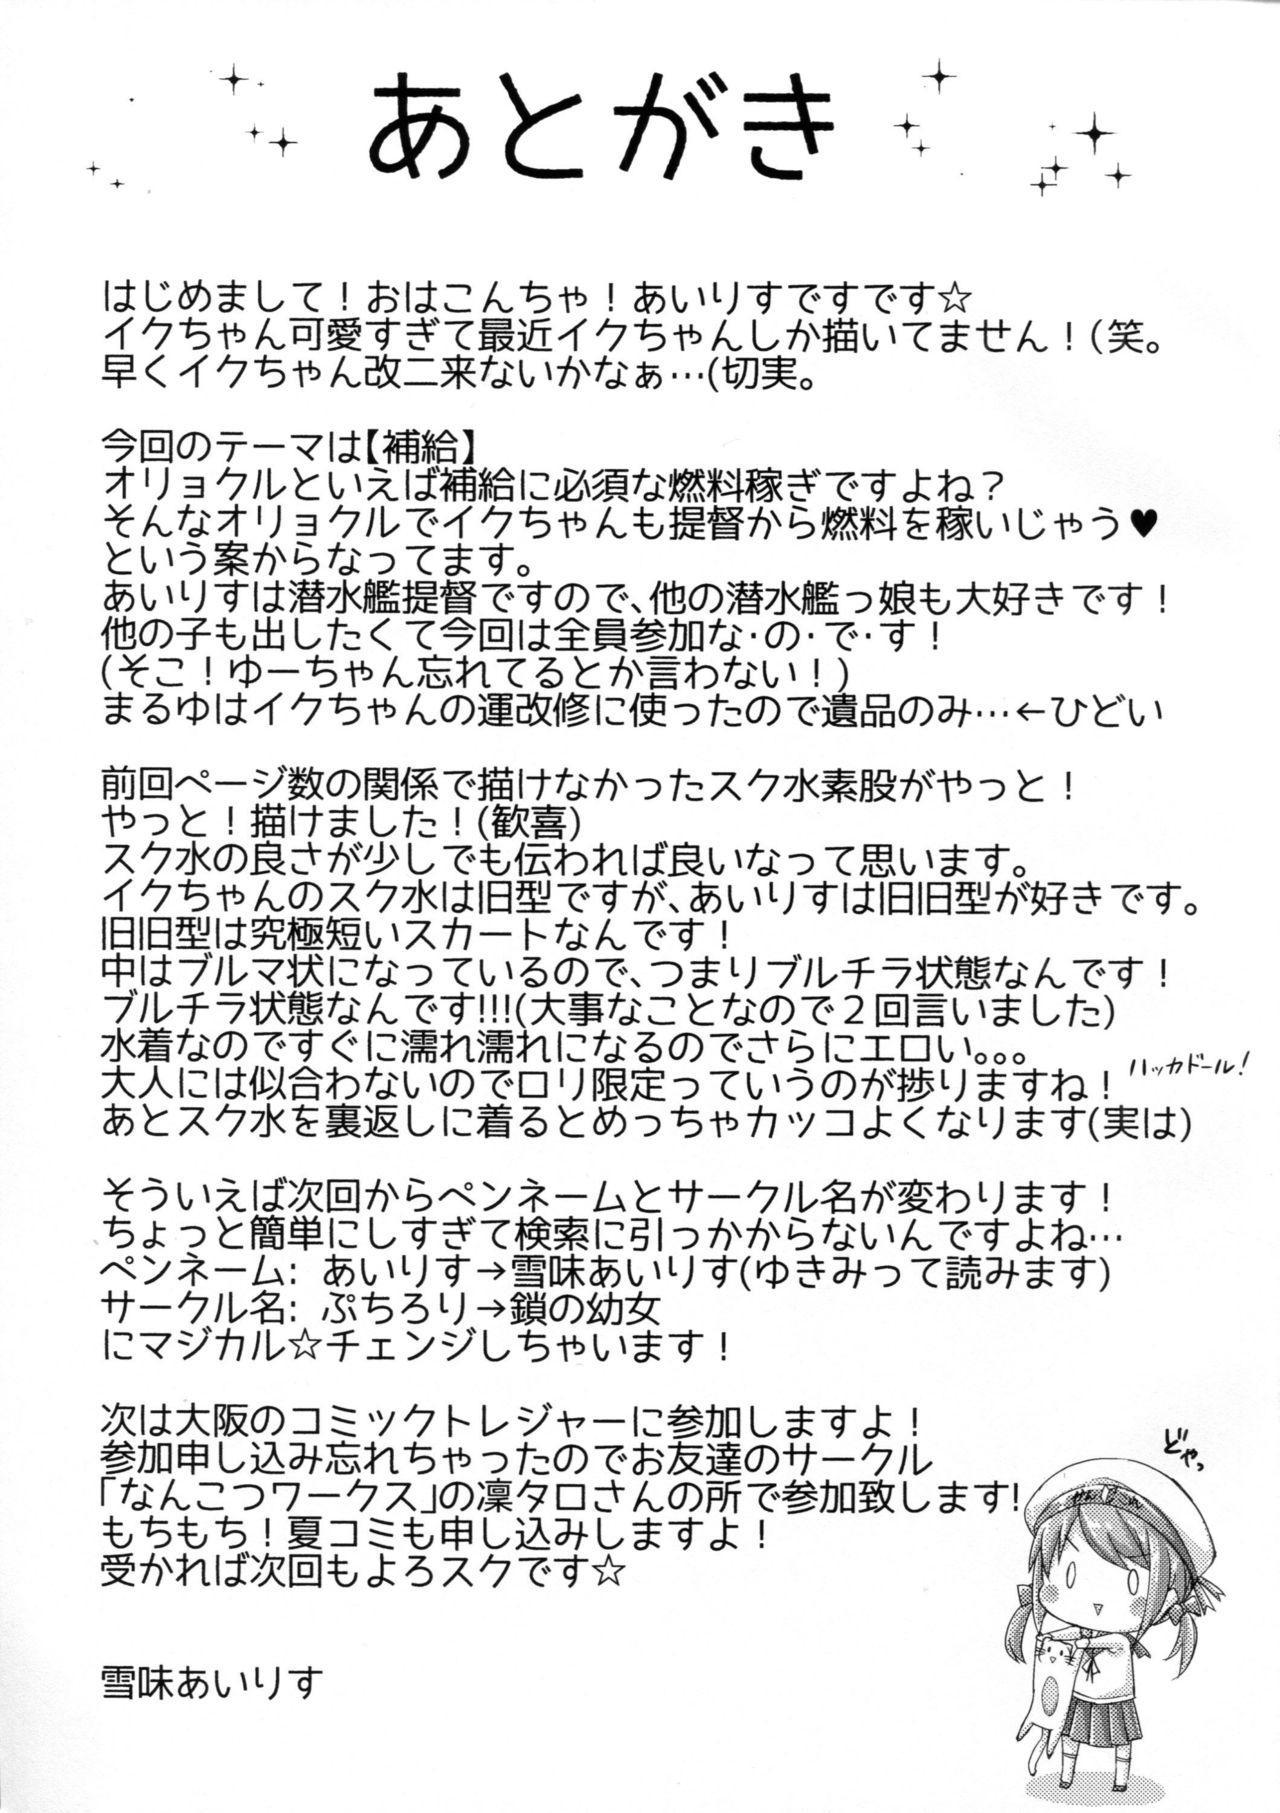 Iku to isshoni  Oryokuru Iku no!! 2 15